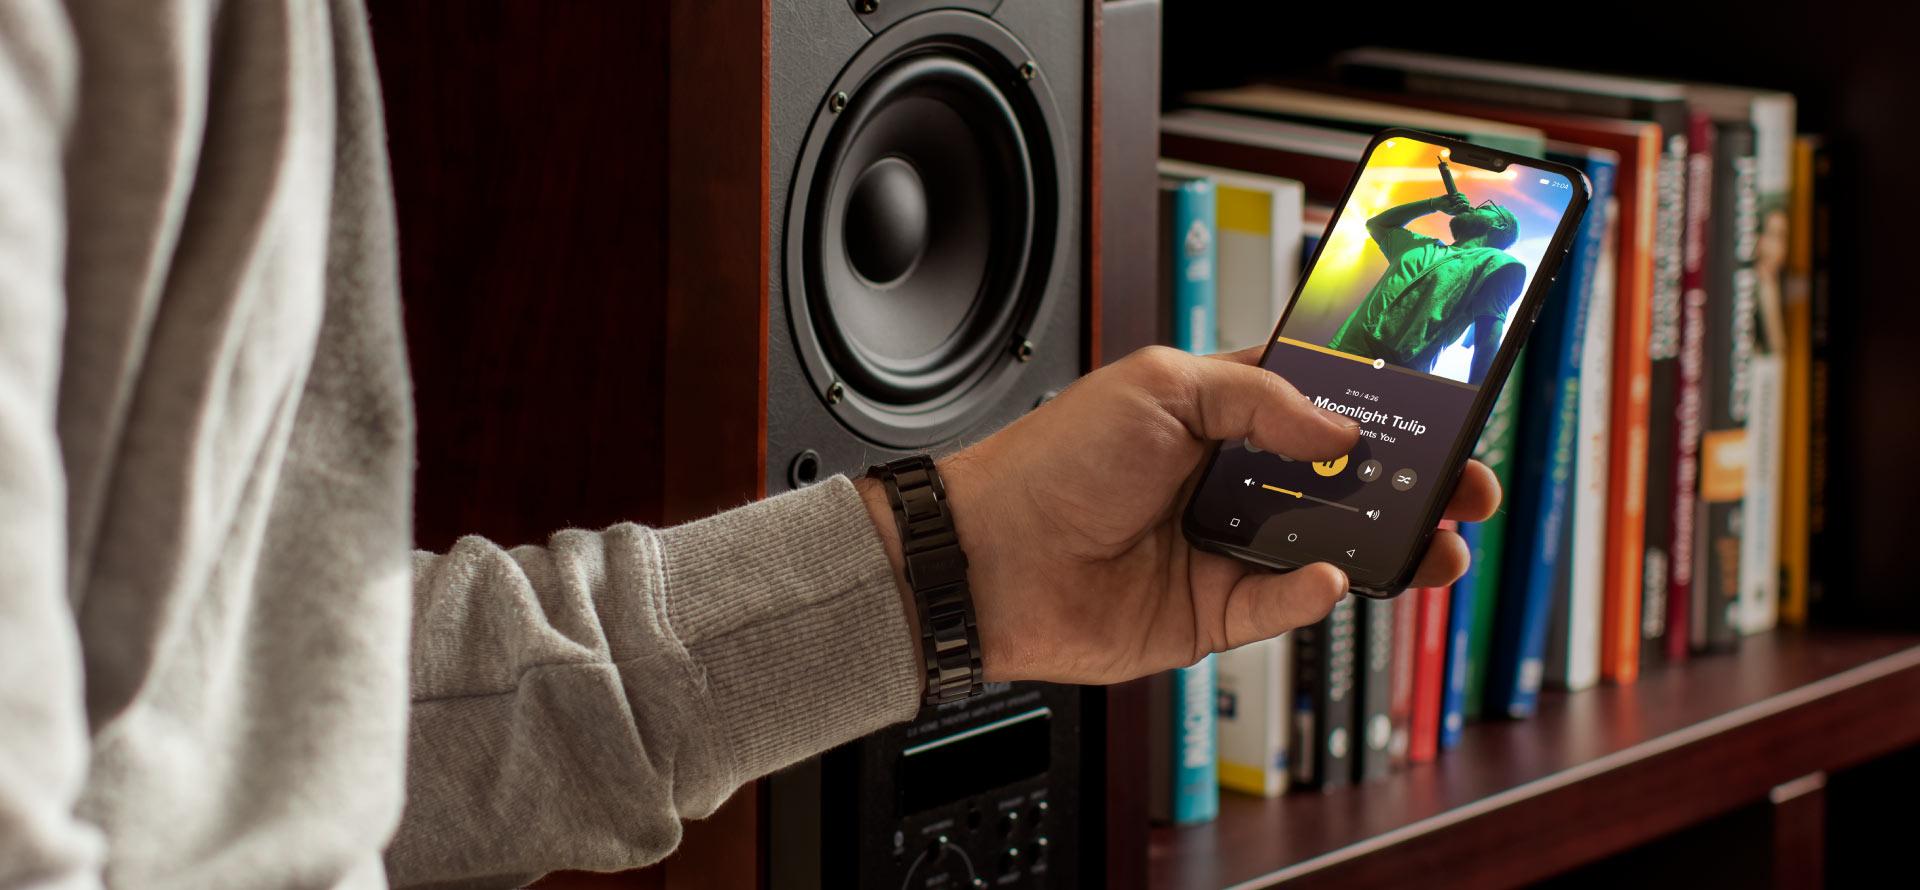 Aktywne kolumny głośnikowe Kruger&Matz z Bluetooth